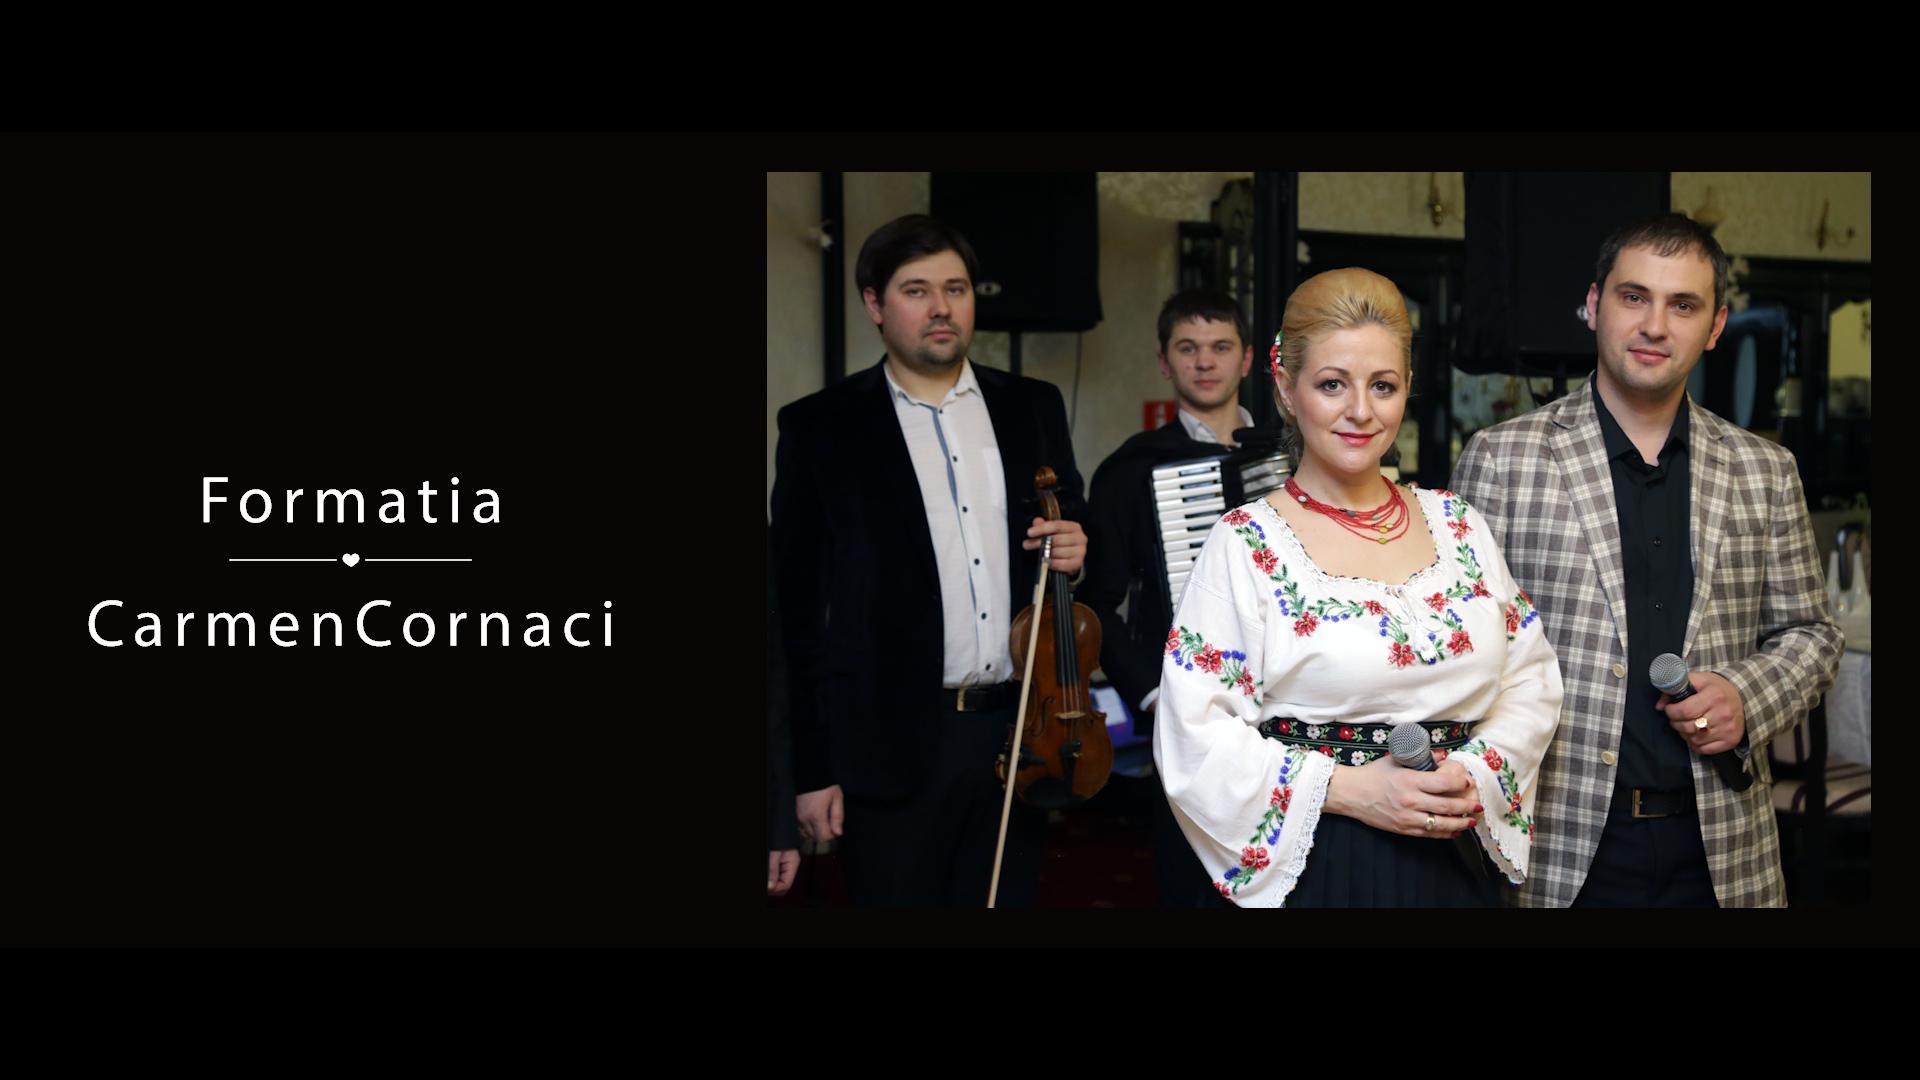 Formatia Carmen Cornaci Horelca Samanta Ta Formatie Nunta